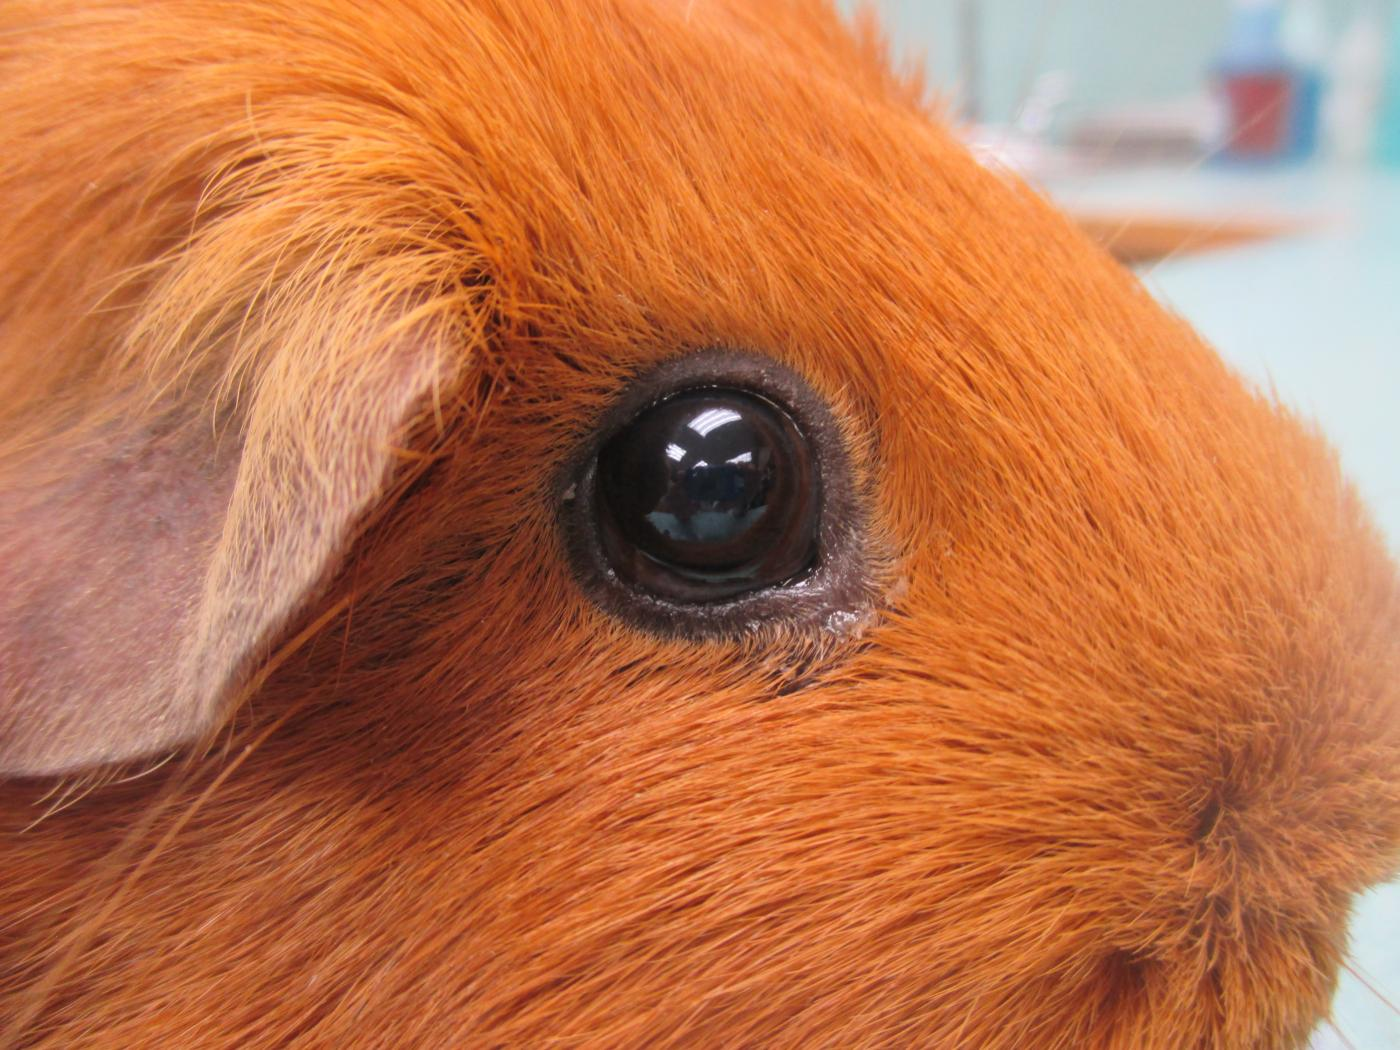 морская свинка глаза гноятся фото